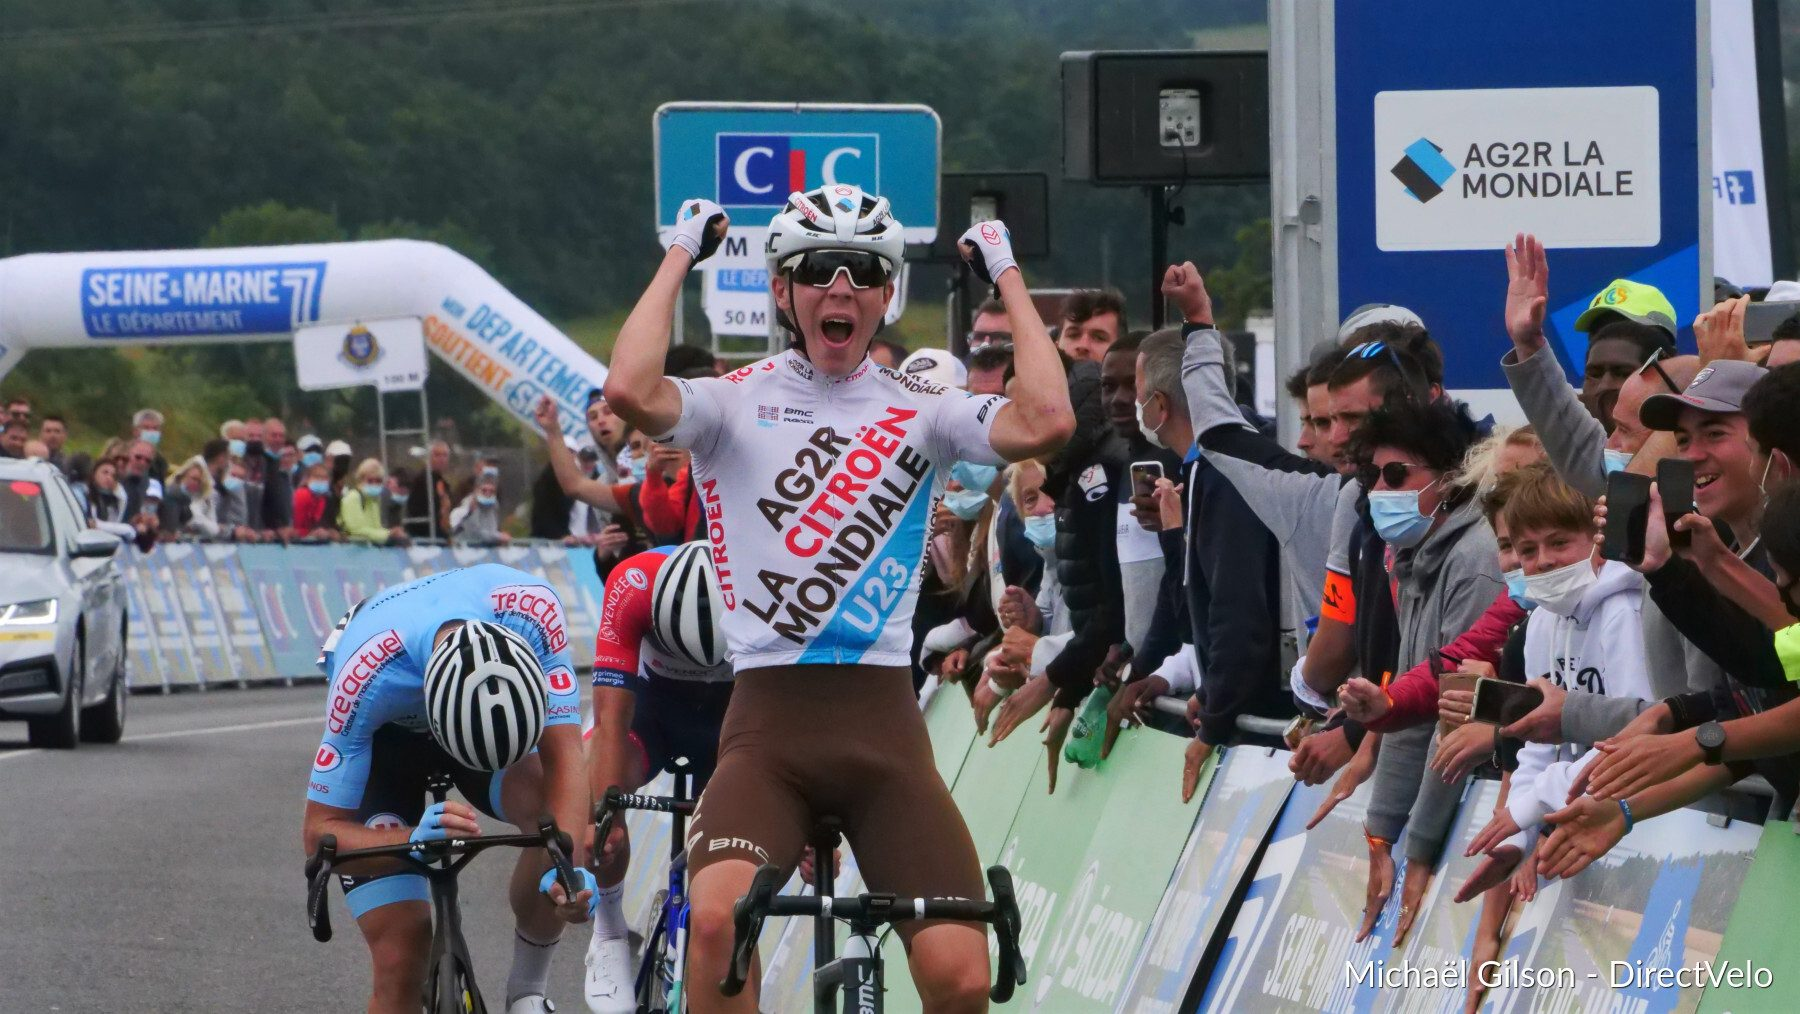 Валентин Ретайо стал новым чемпионом Франции среди андеров